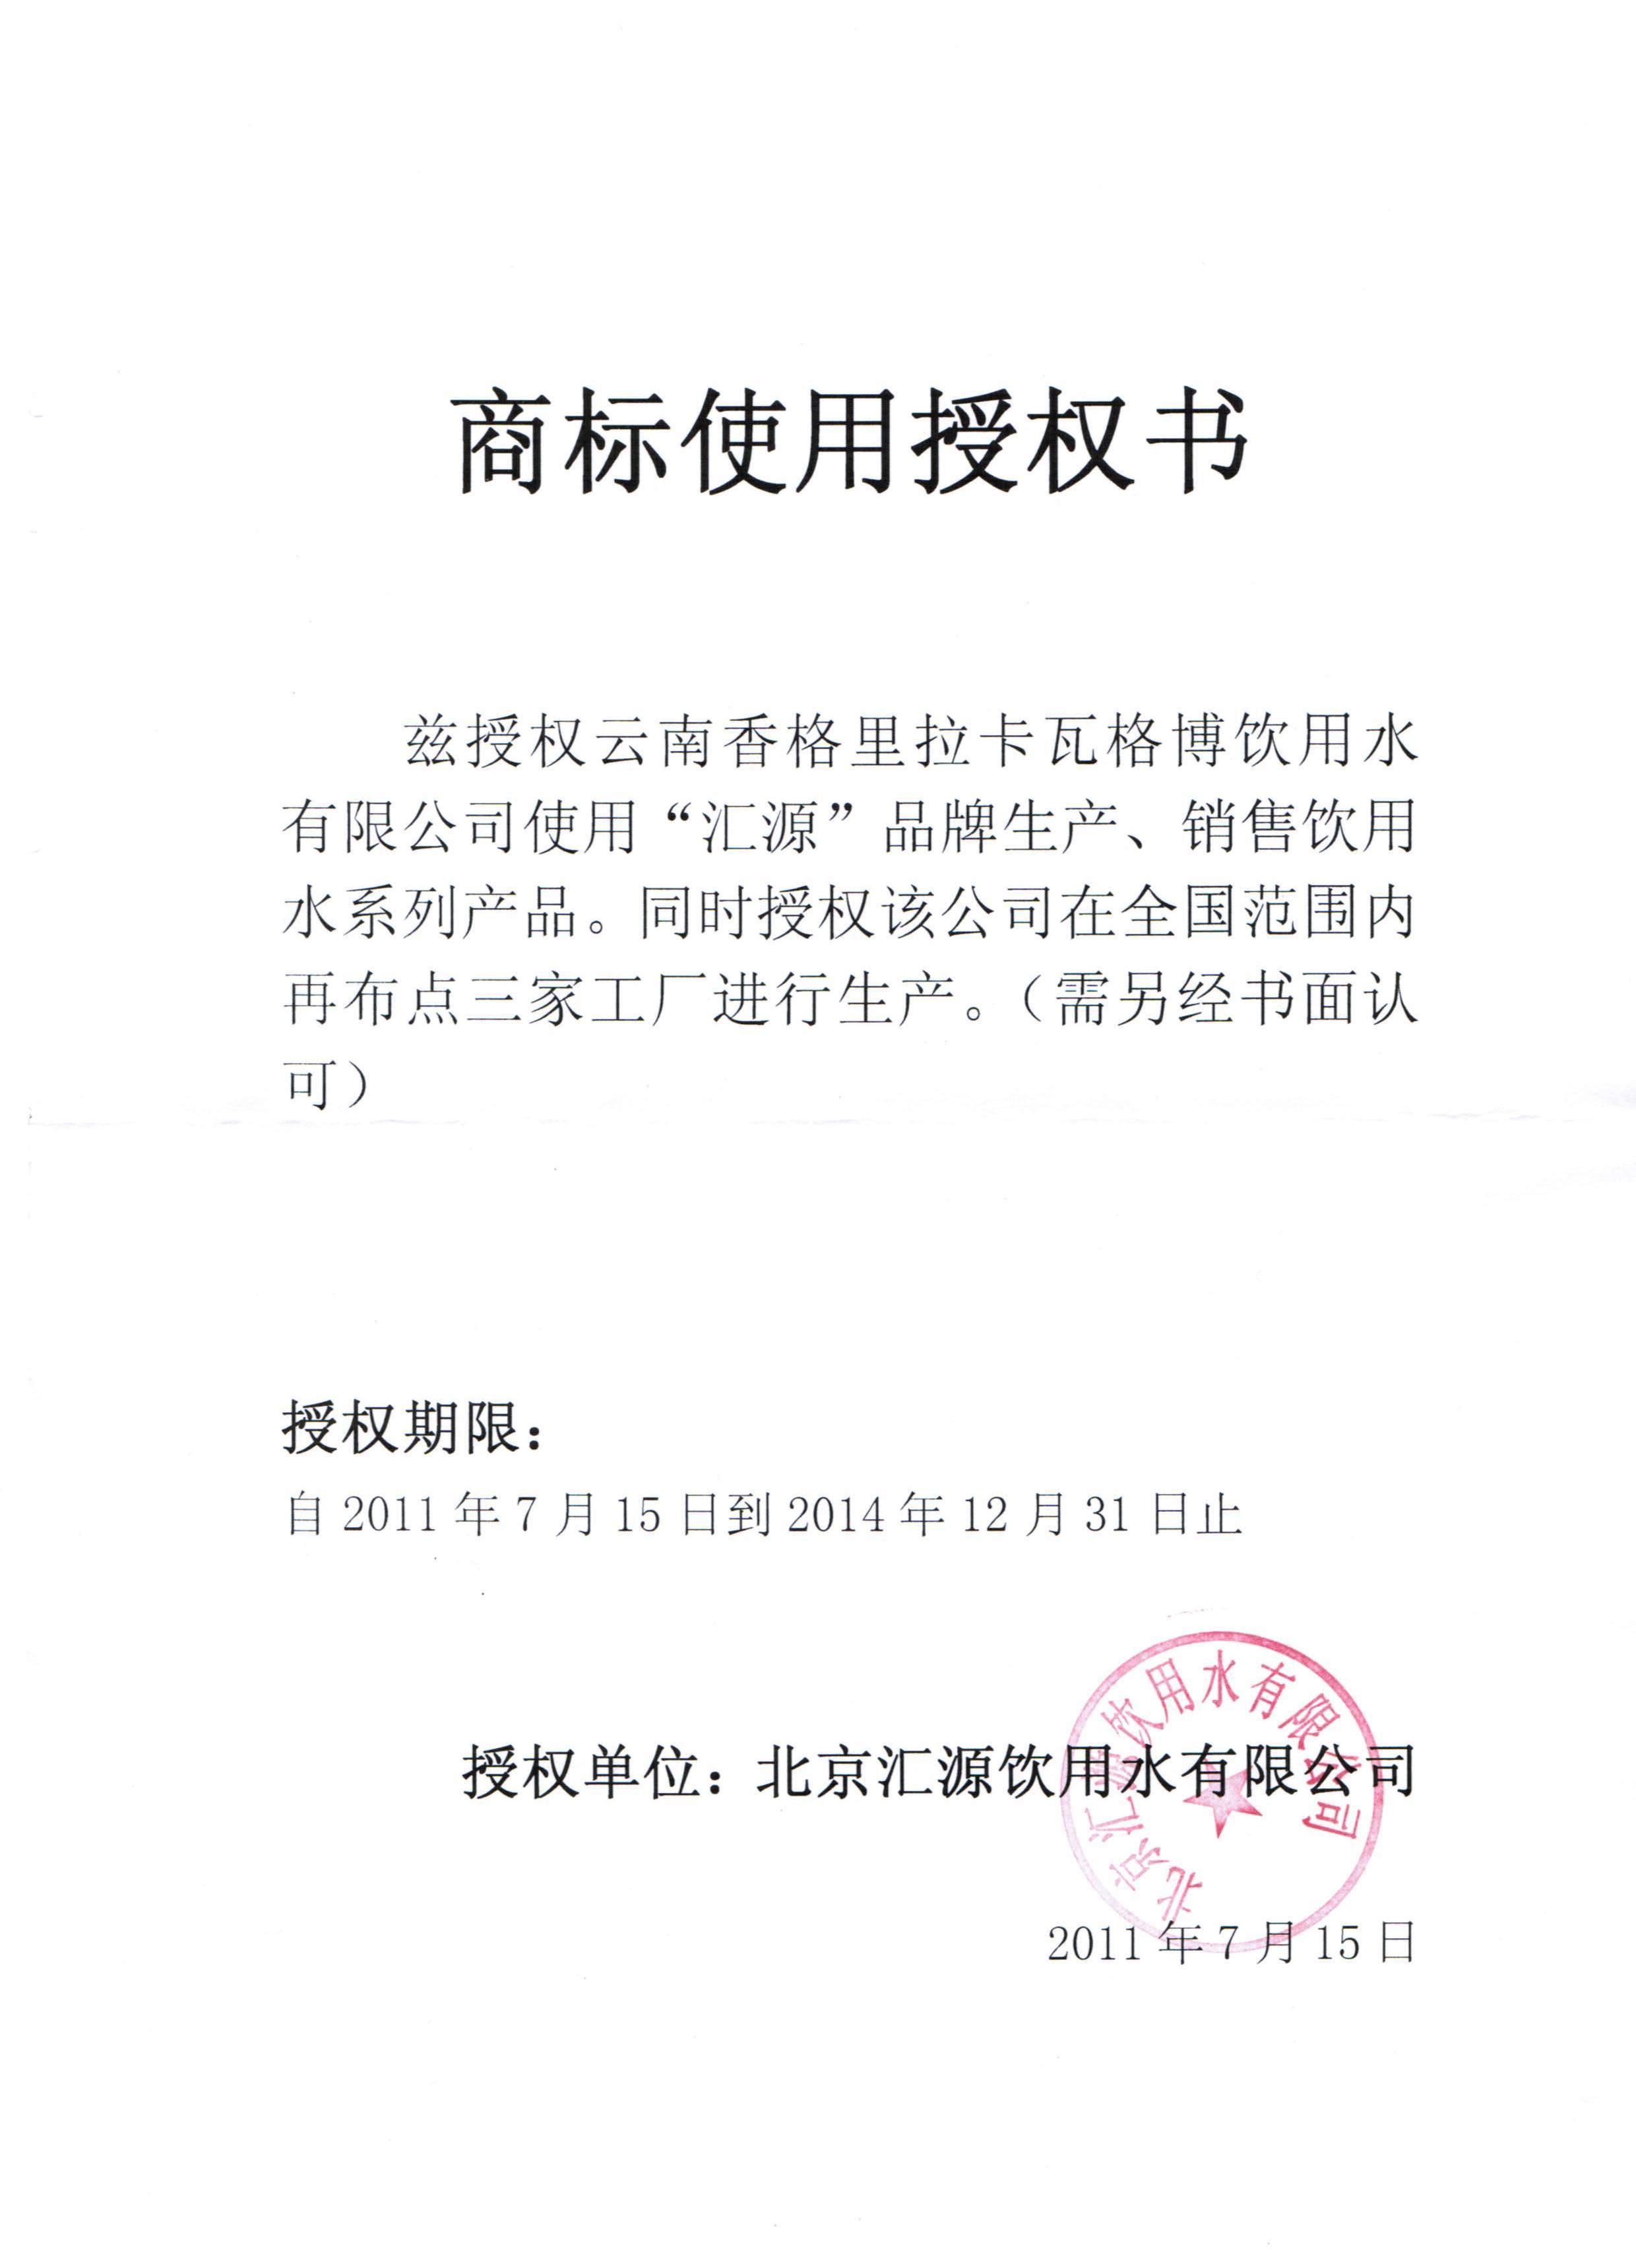 商标被曝遭私人转让汇源反诉卡瓦格博违约